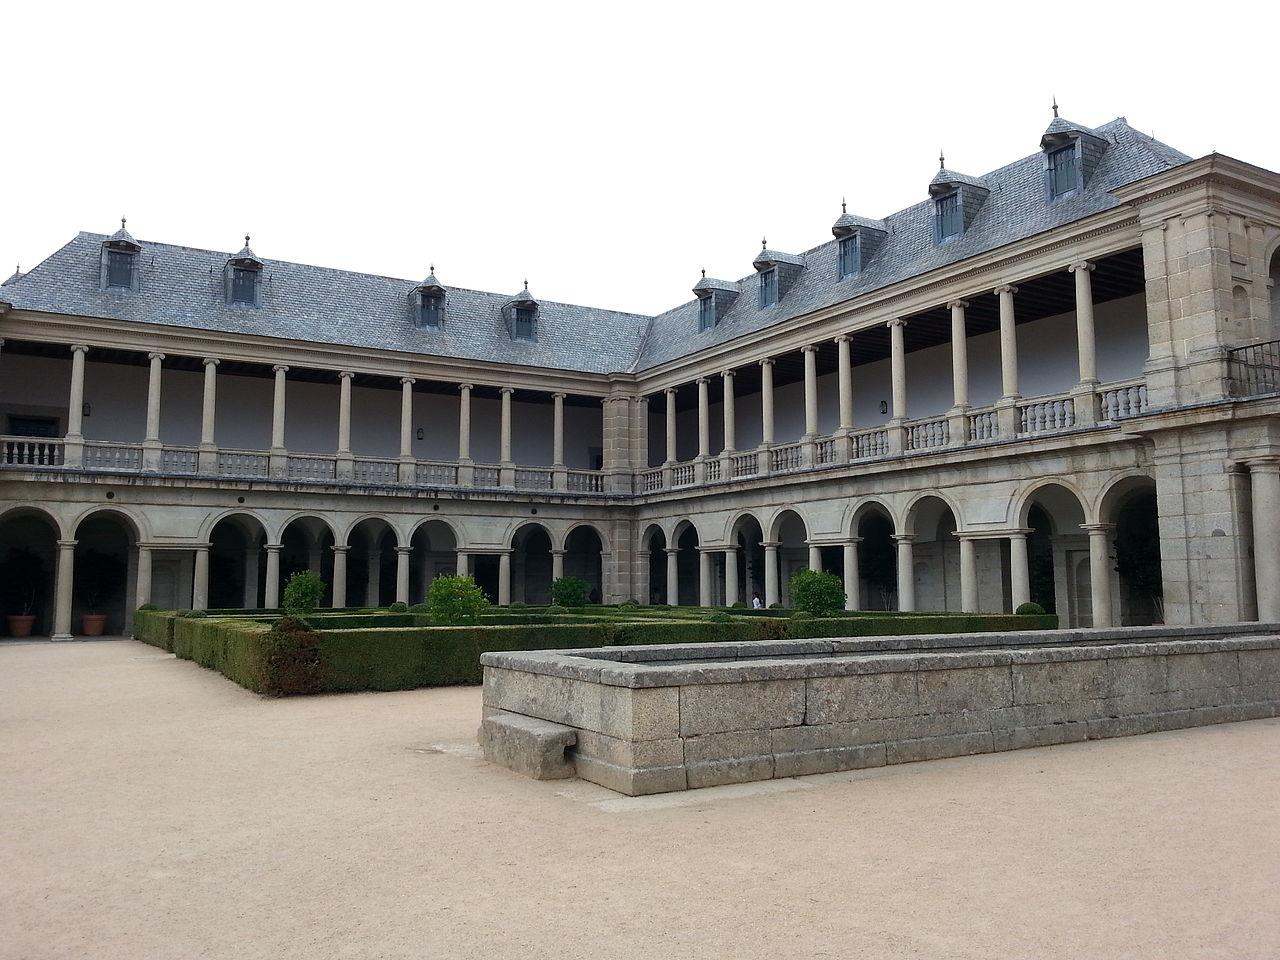 El entorno arquitectónico de El Escorial: la Casa de la Compaña, los corredores del Sol y la Botica